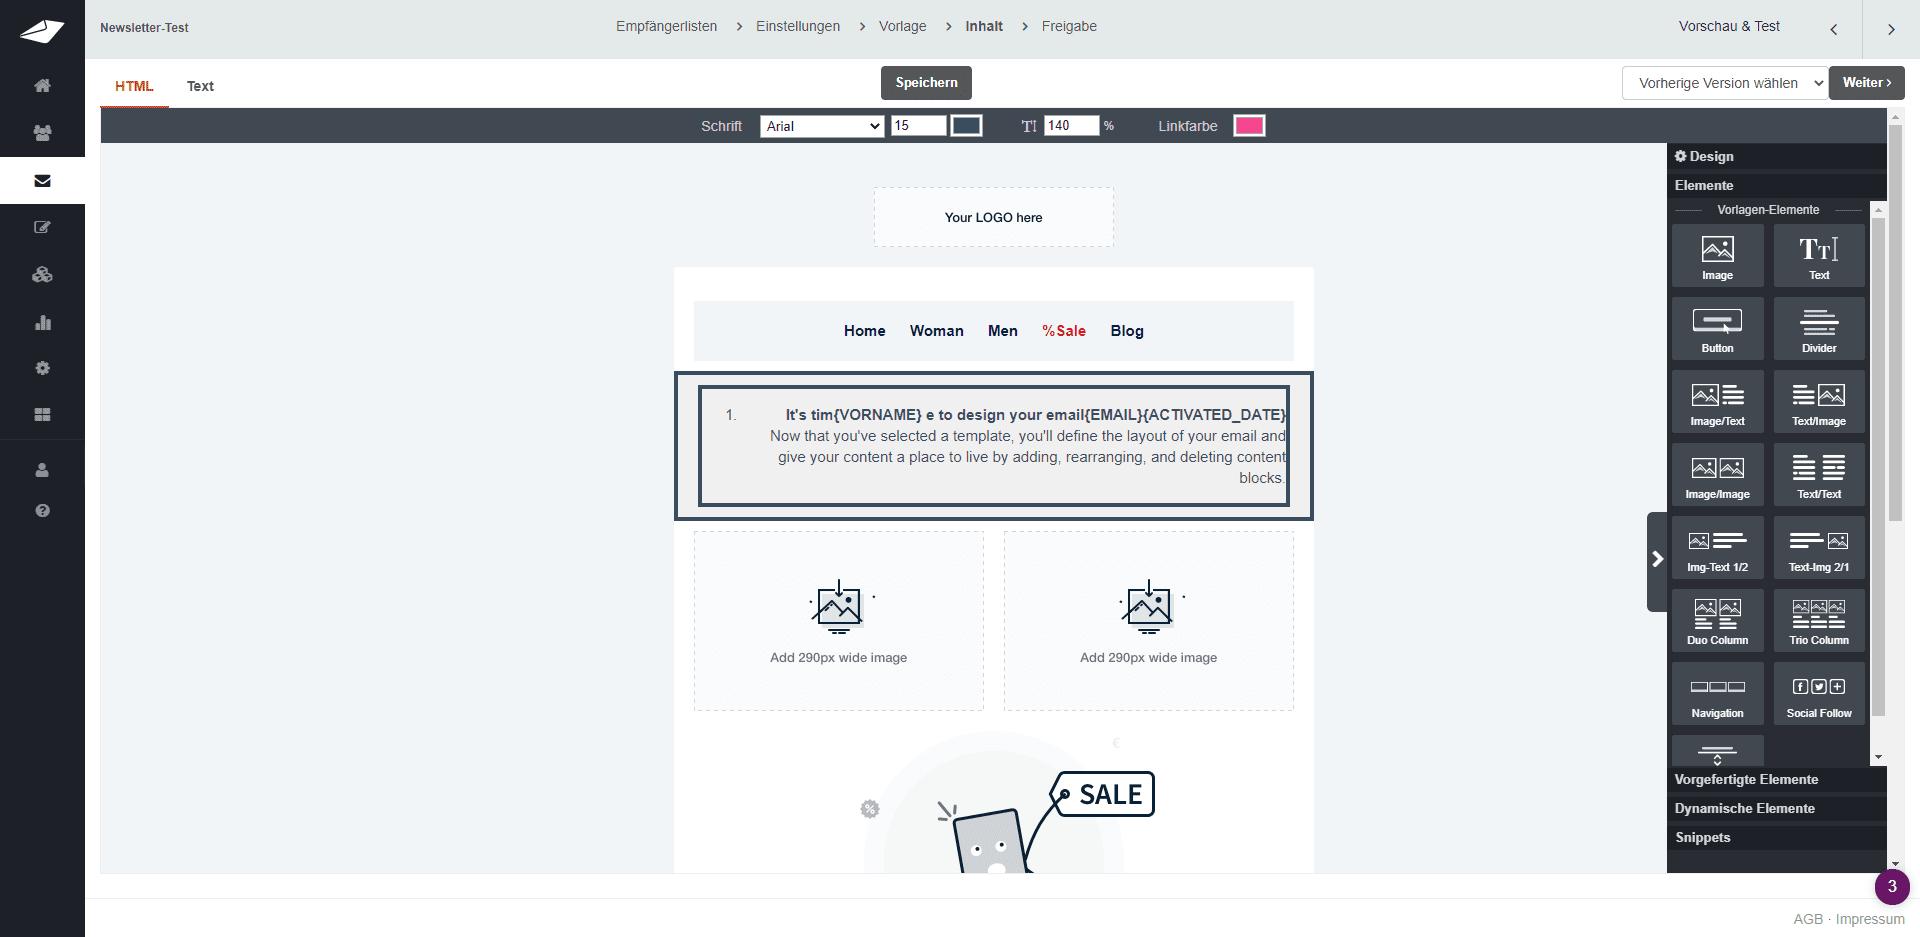 Drag-and-Drop-Editor bei CleverReach - Newsletter-Vergleich von vier kostenlosen Newsletter-Tools